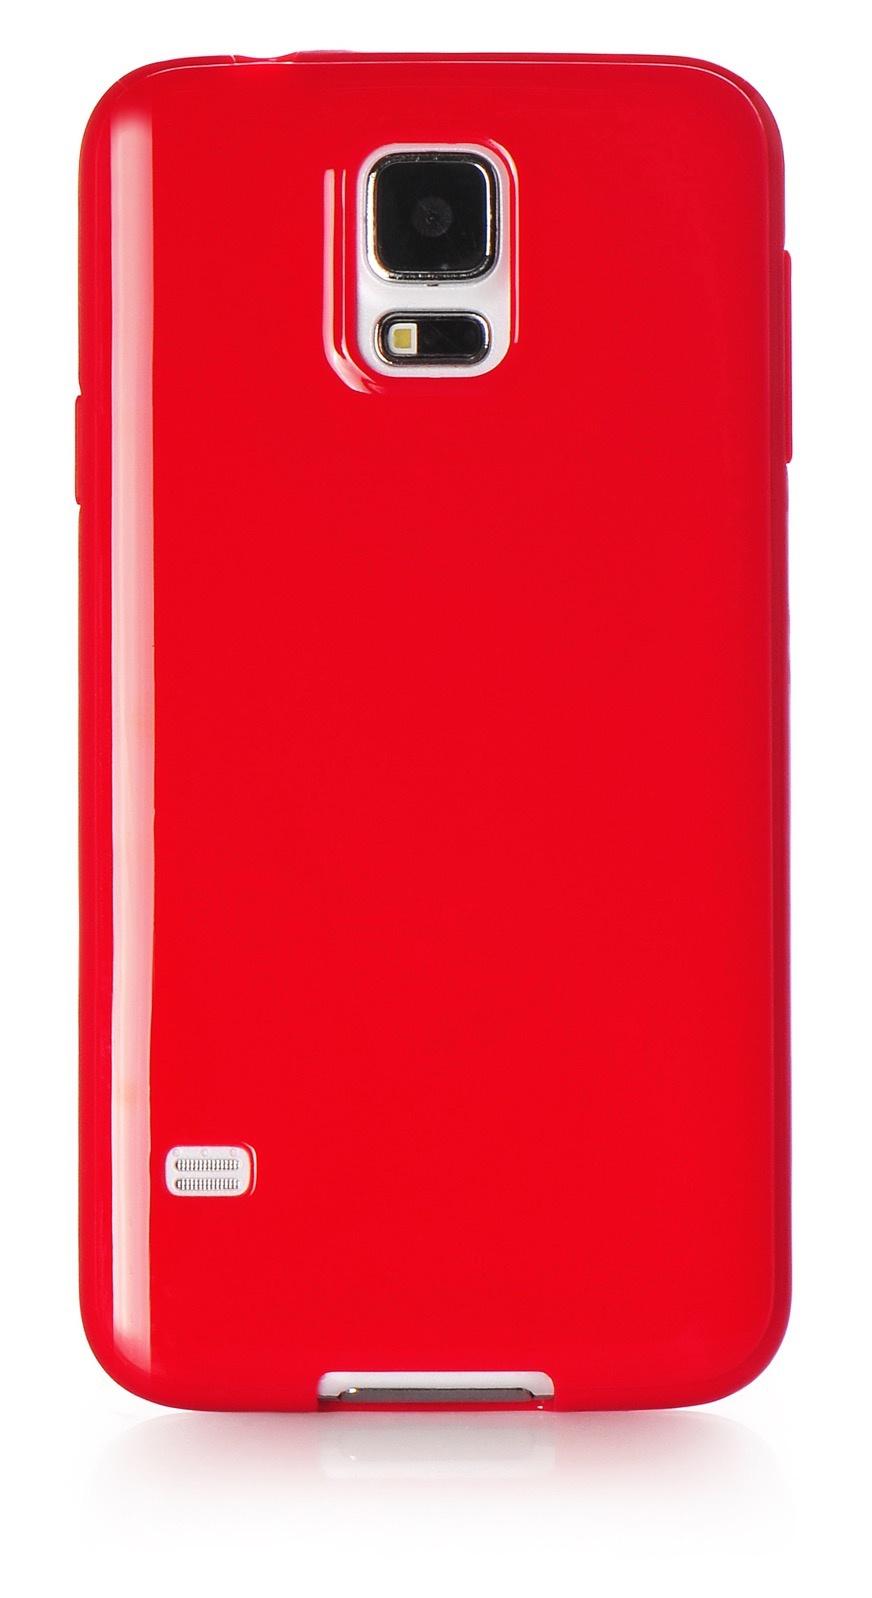 Чехол для сотового телефона iNeez накладка силикон мыльница 530091 для Samsung Galaxy S5, красный